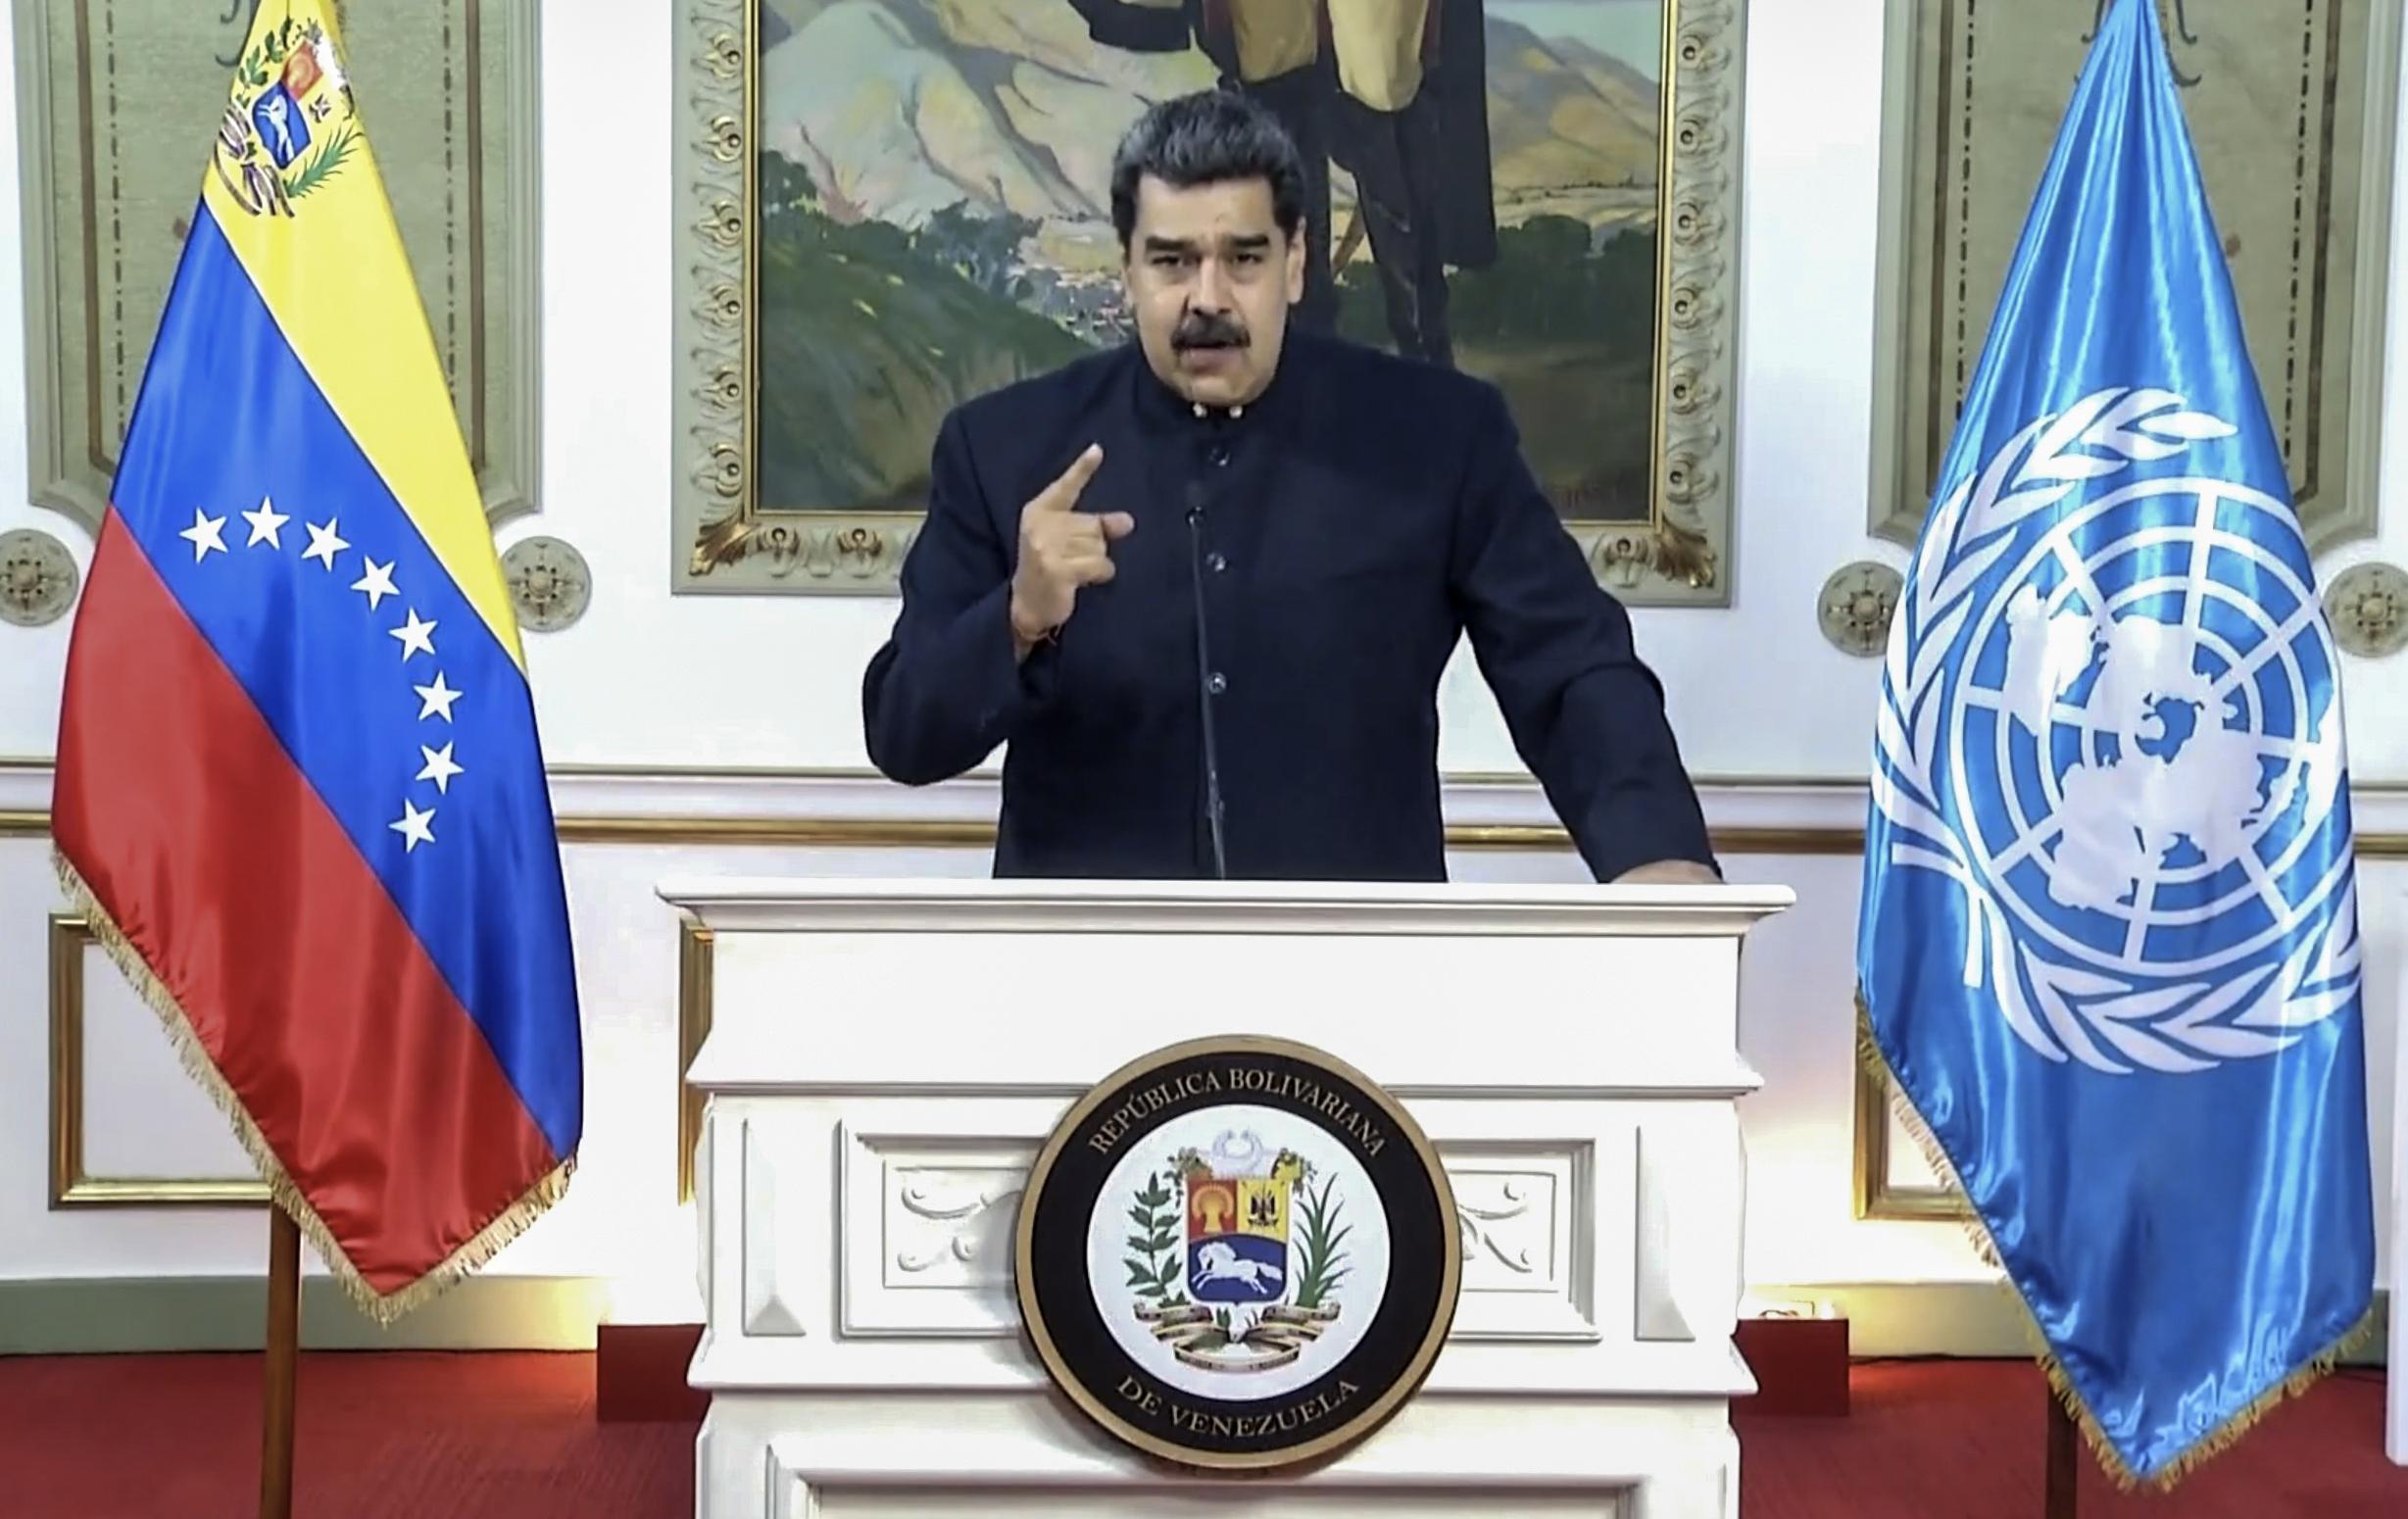 Venezuelas Maduro blasts US in speech to world leaders